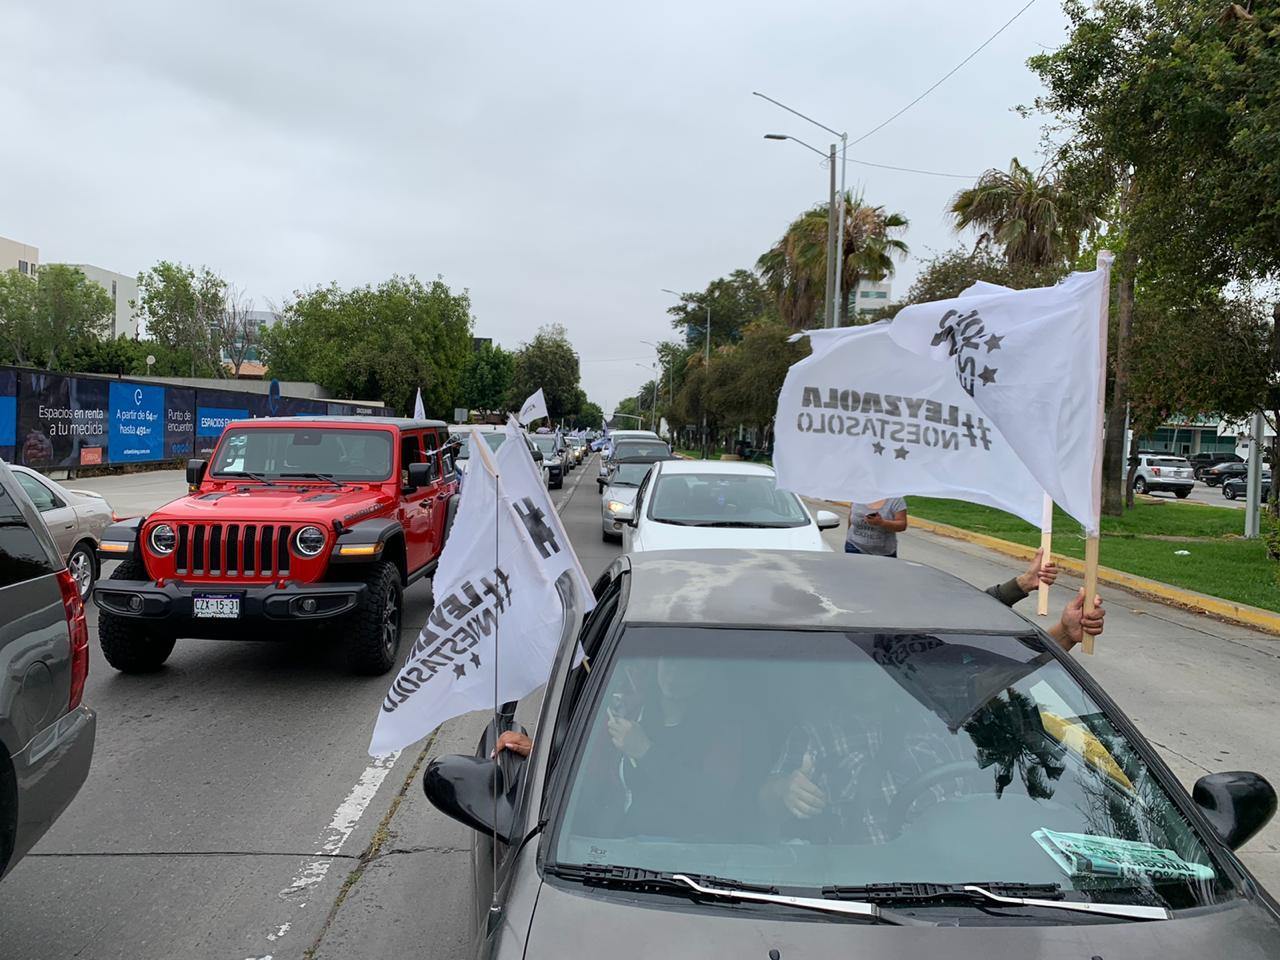 Con caravana de mil vehículos se manifiestan a favor de Julián Leyzaola